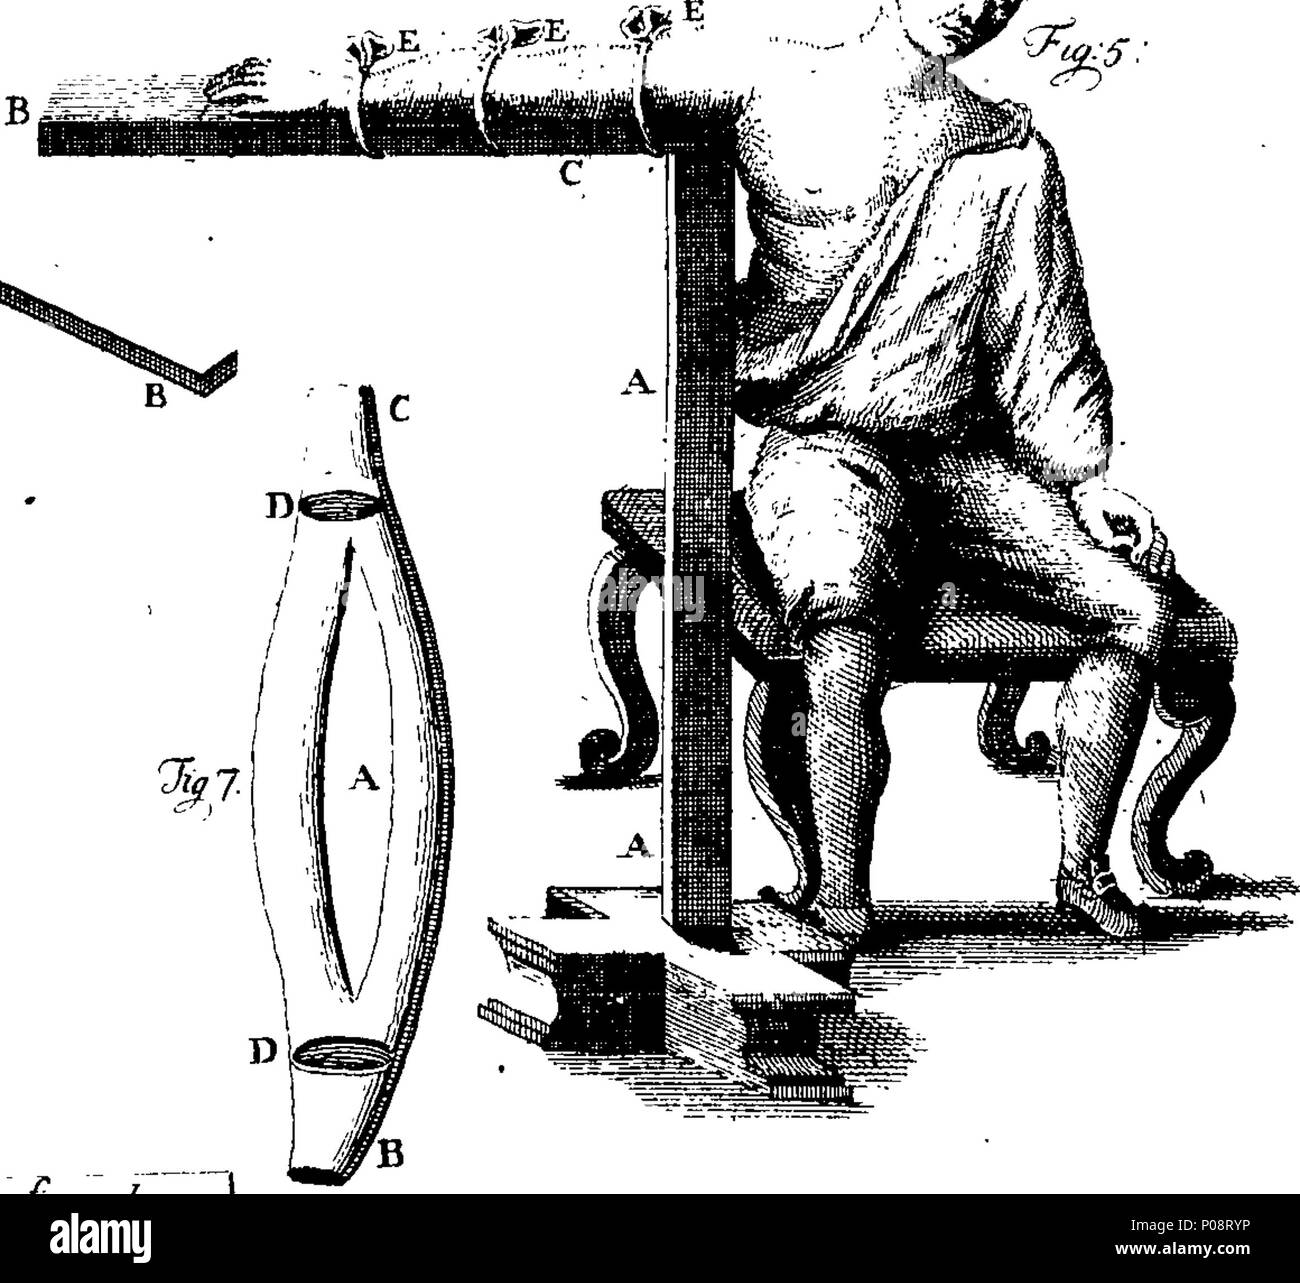 Charmant Anatomie Wörterbuch Begriffe Bilder - Anatomie Ideen ...